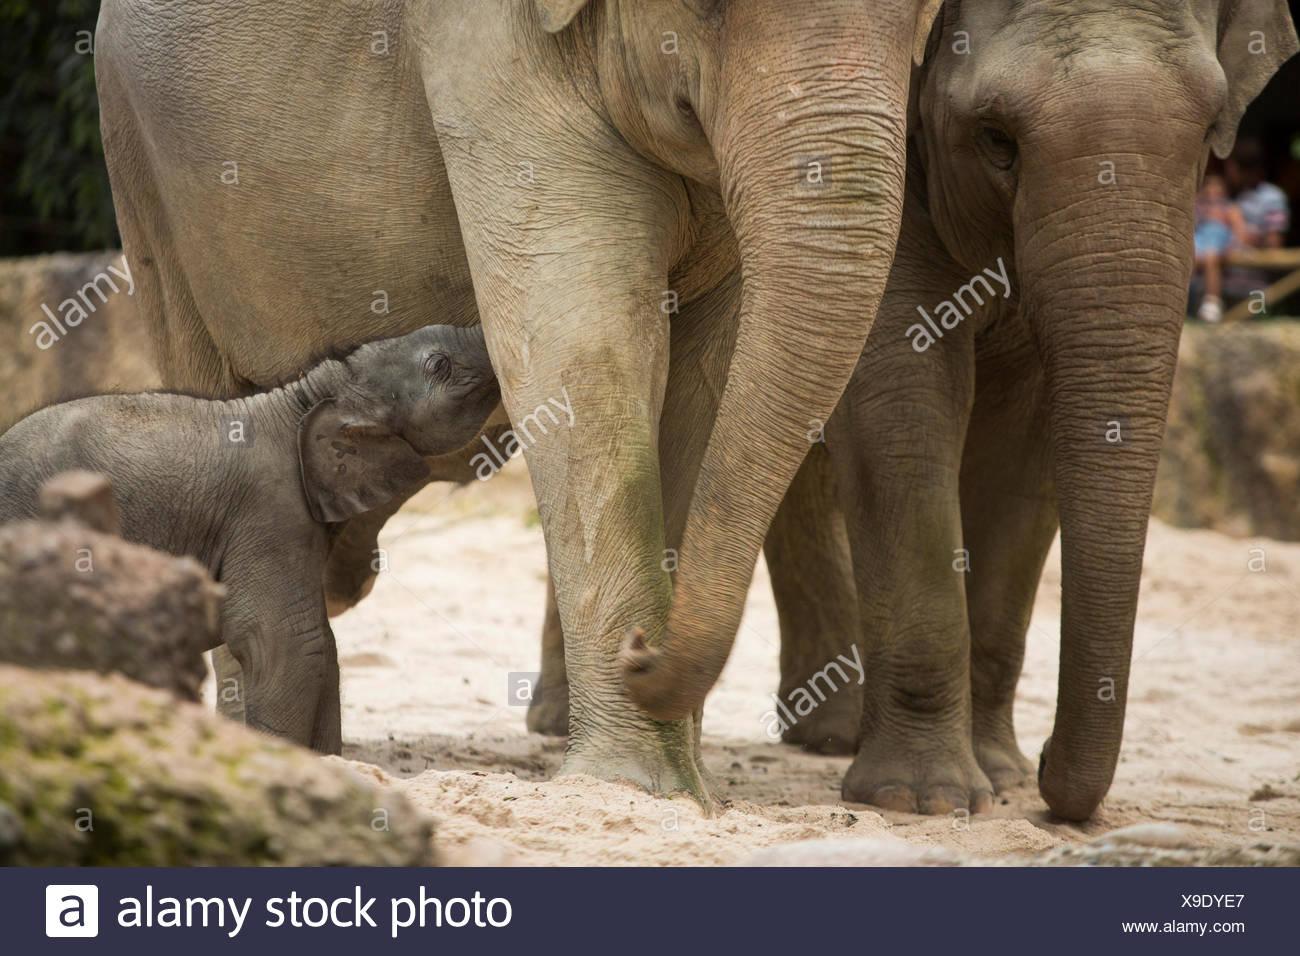 Les animaux, les éléphants, les jeunes, l'éléphant, le zoo de Zurich, animaux, animal, zoo, le canton de Zurich, Suisse, Europe, Banque D'Images